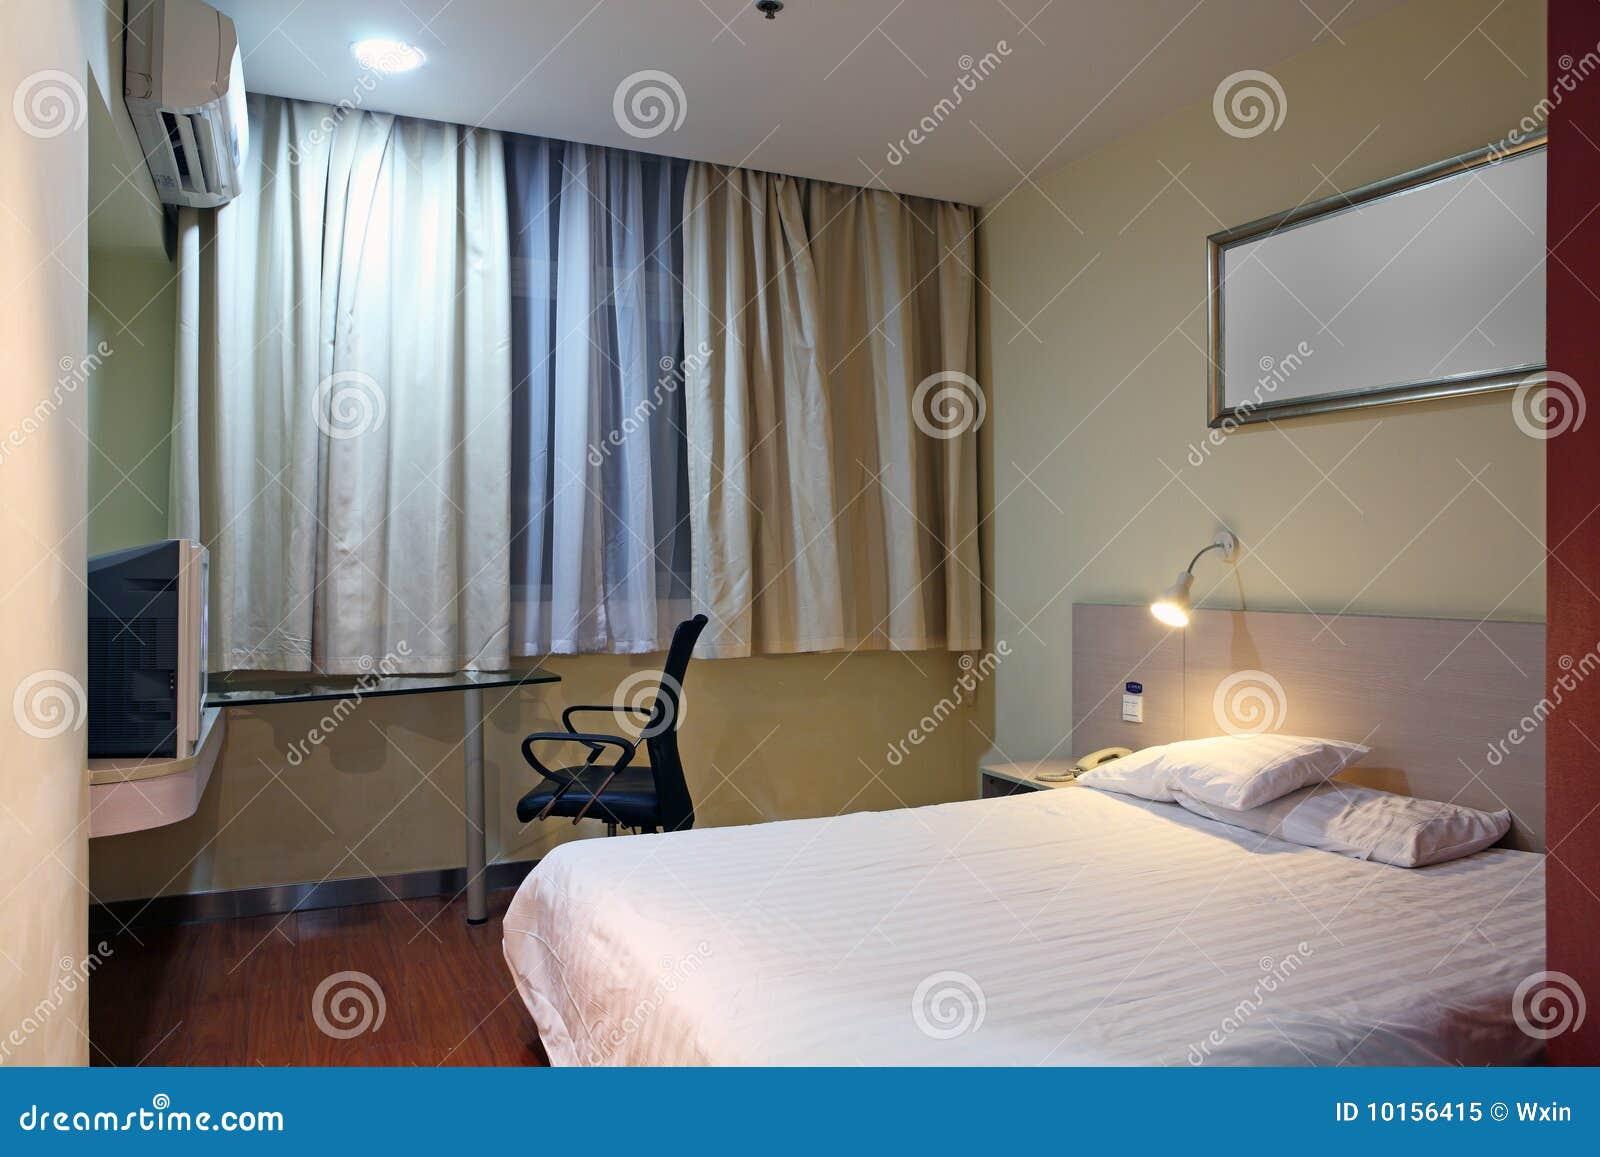 Cuartos de motel imagen de archivo. Imagen de sitio, cama ...